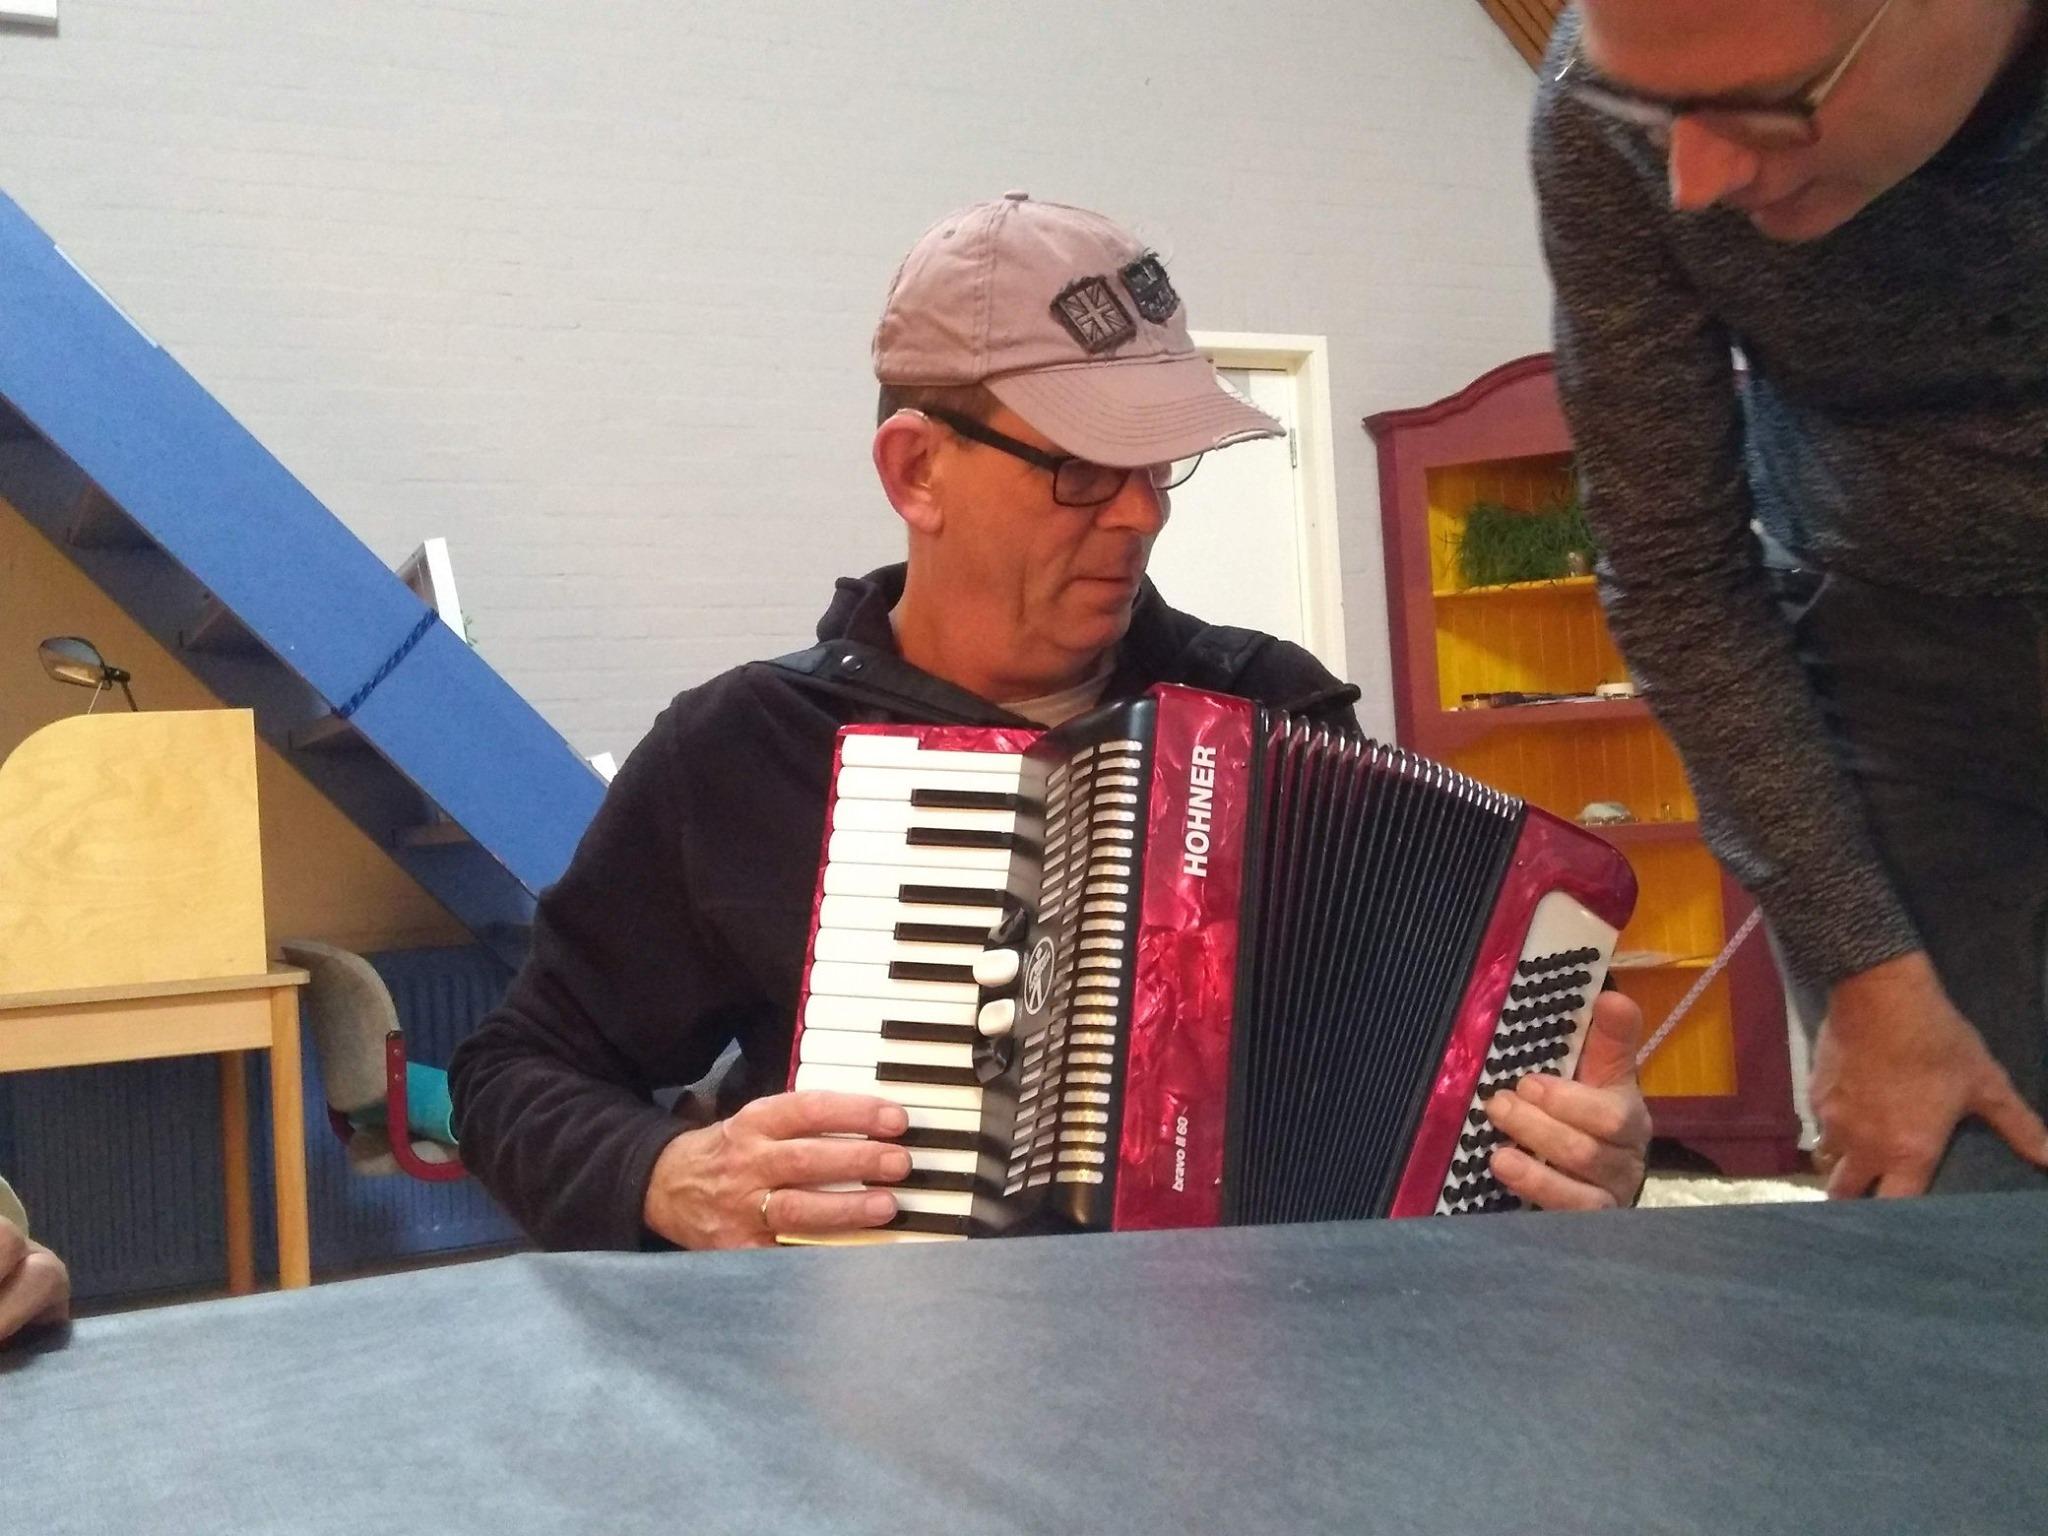 Door te voelen weet een doofblinde hoe de accordeon eruitziet